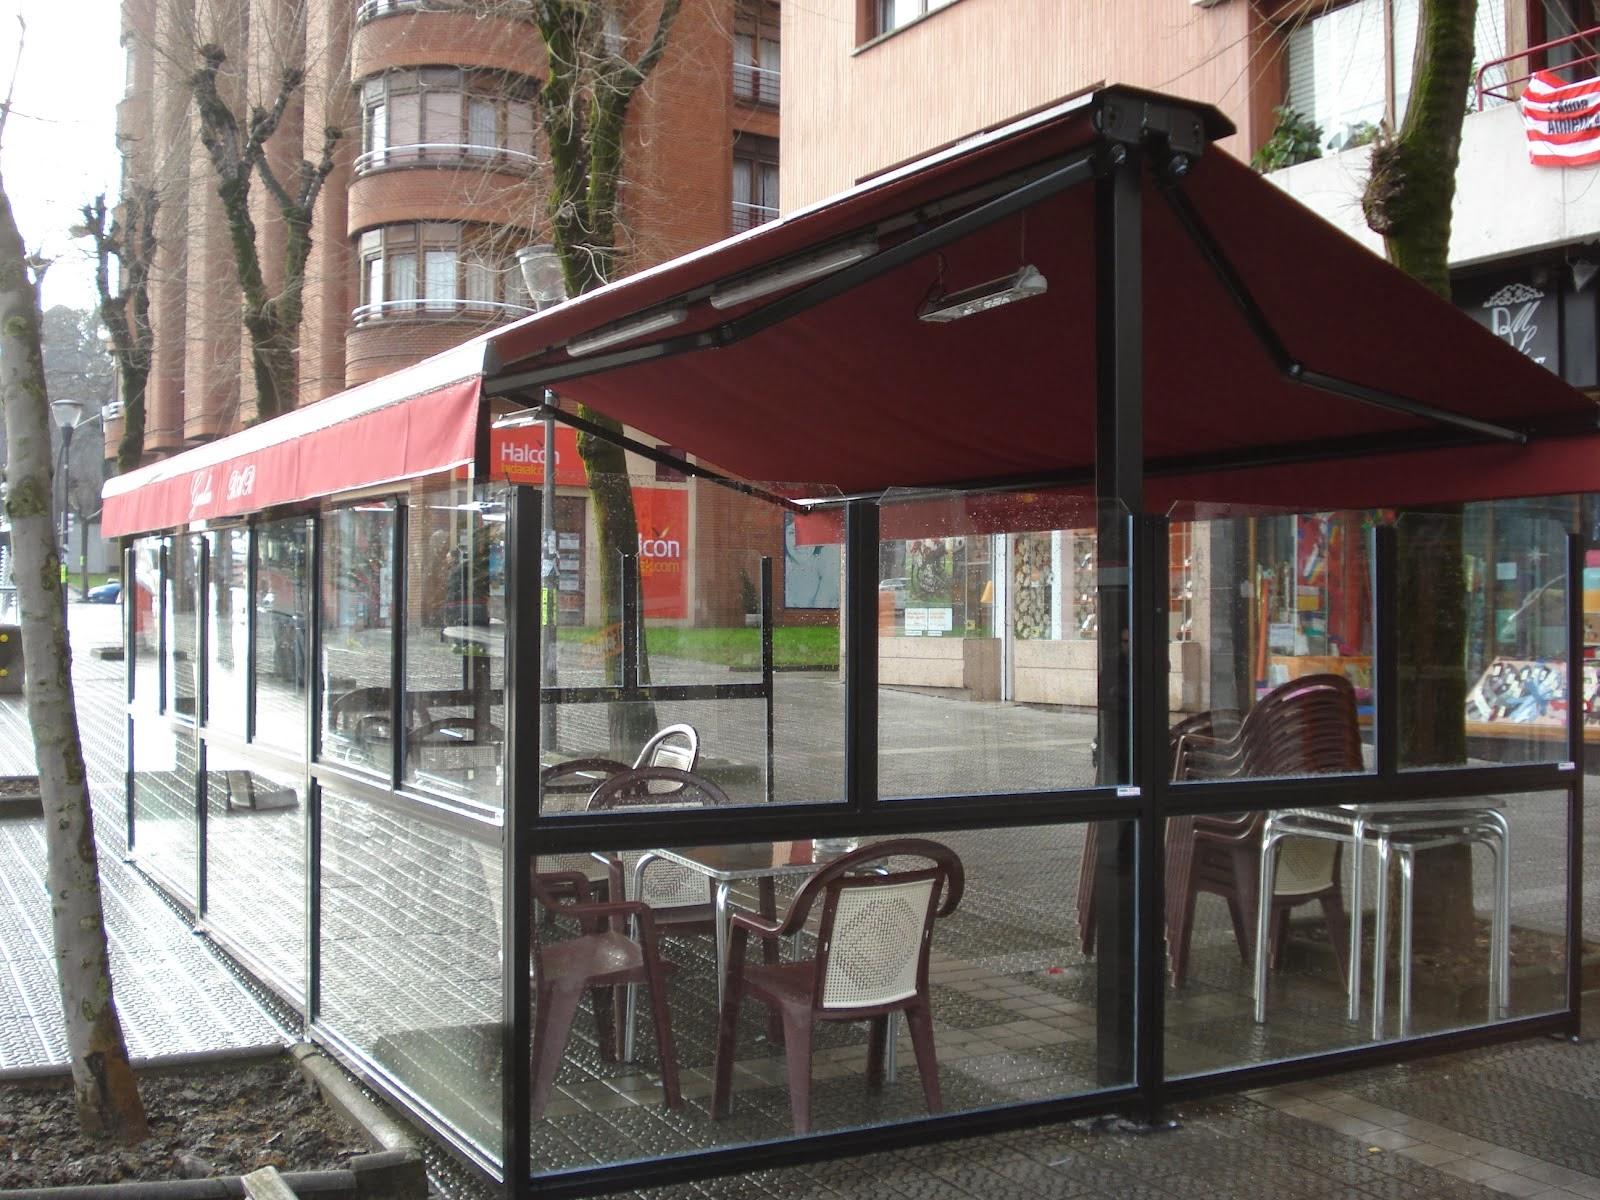 Licencia ocupaci n de v a p blica para instalaci n de terrazas de hosteler a ayuntamiento de a - Cerramiento terraza sin licencia ...